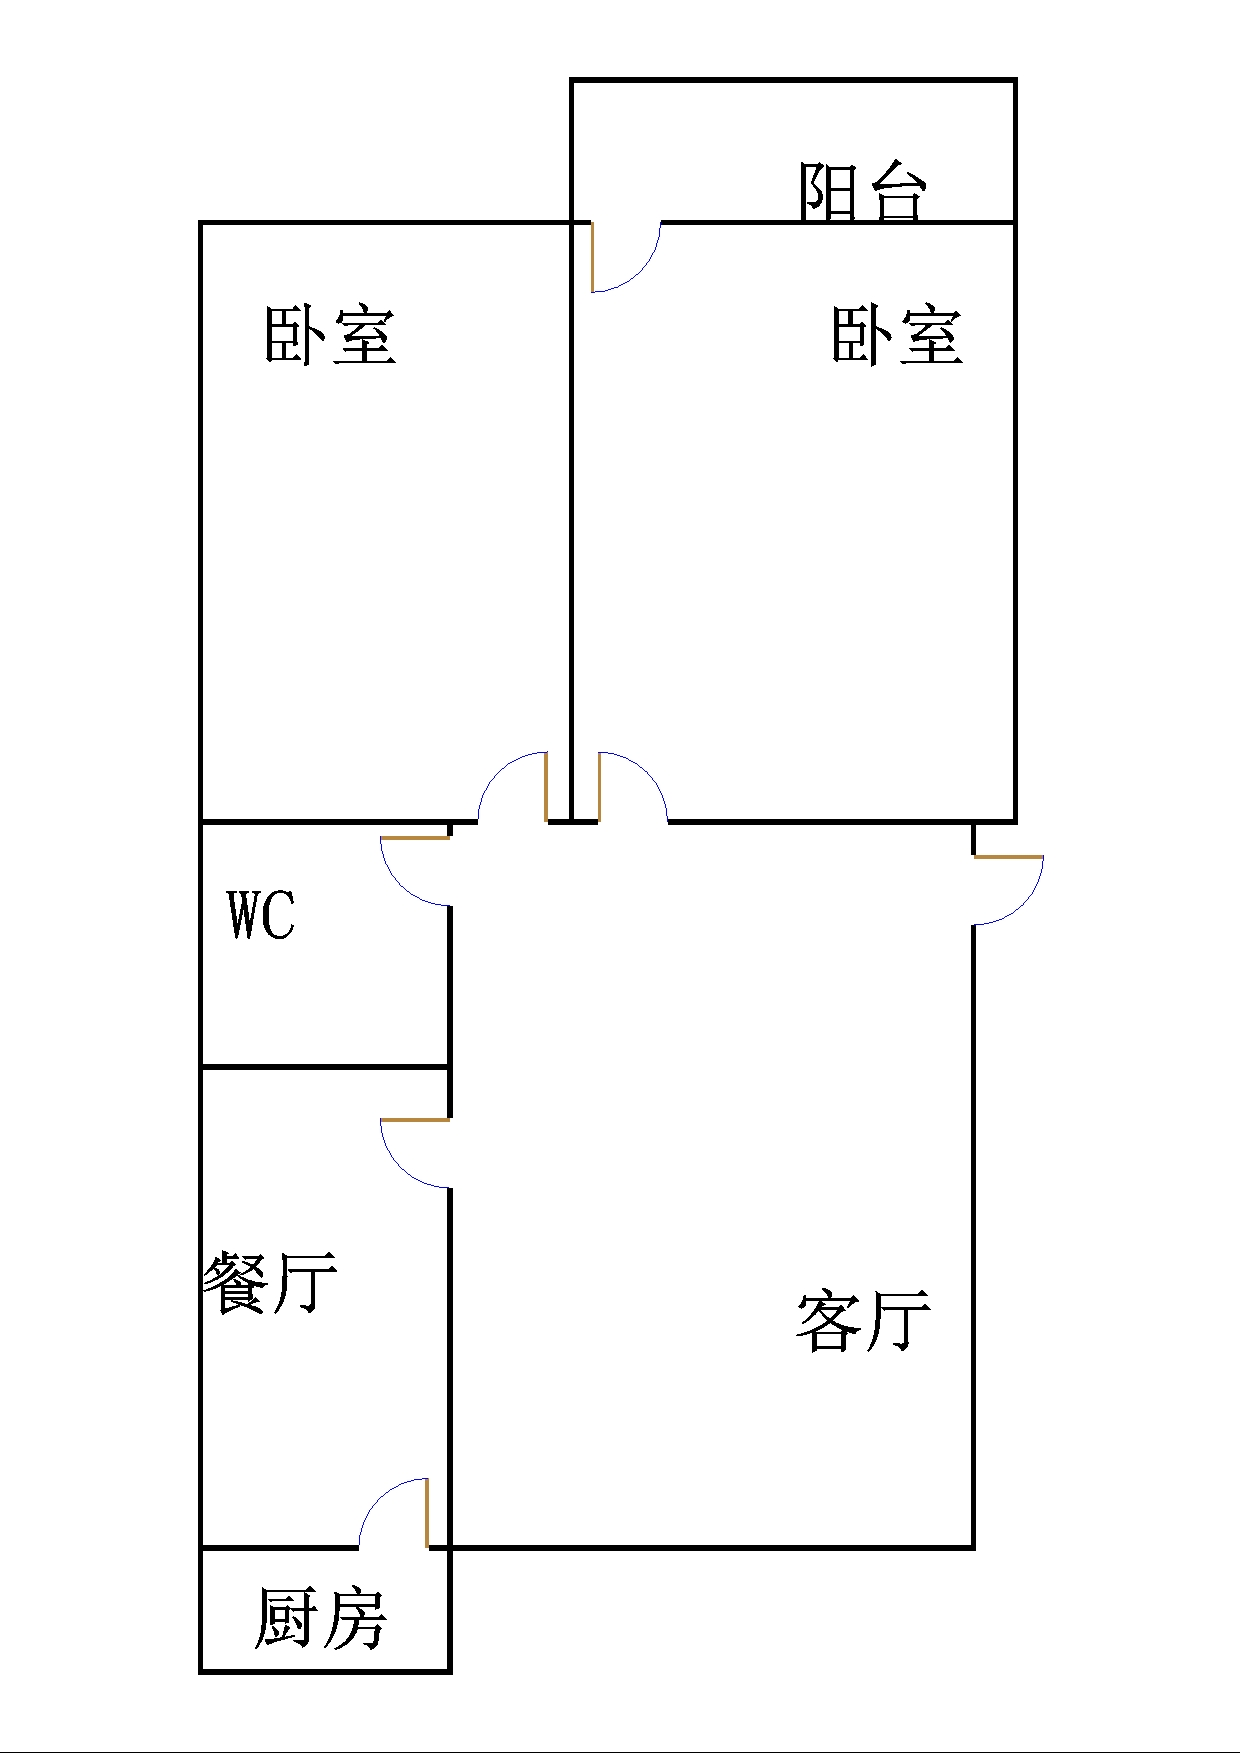 晶峰宿舍 2室2厅  简装 68万